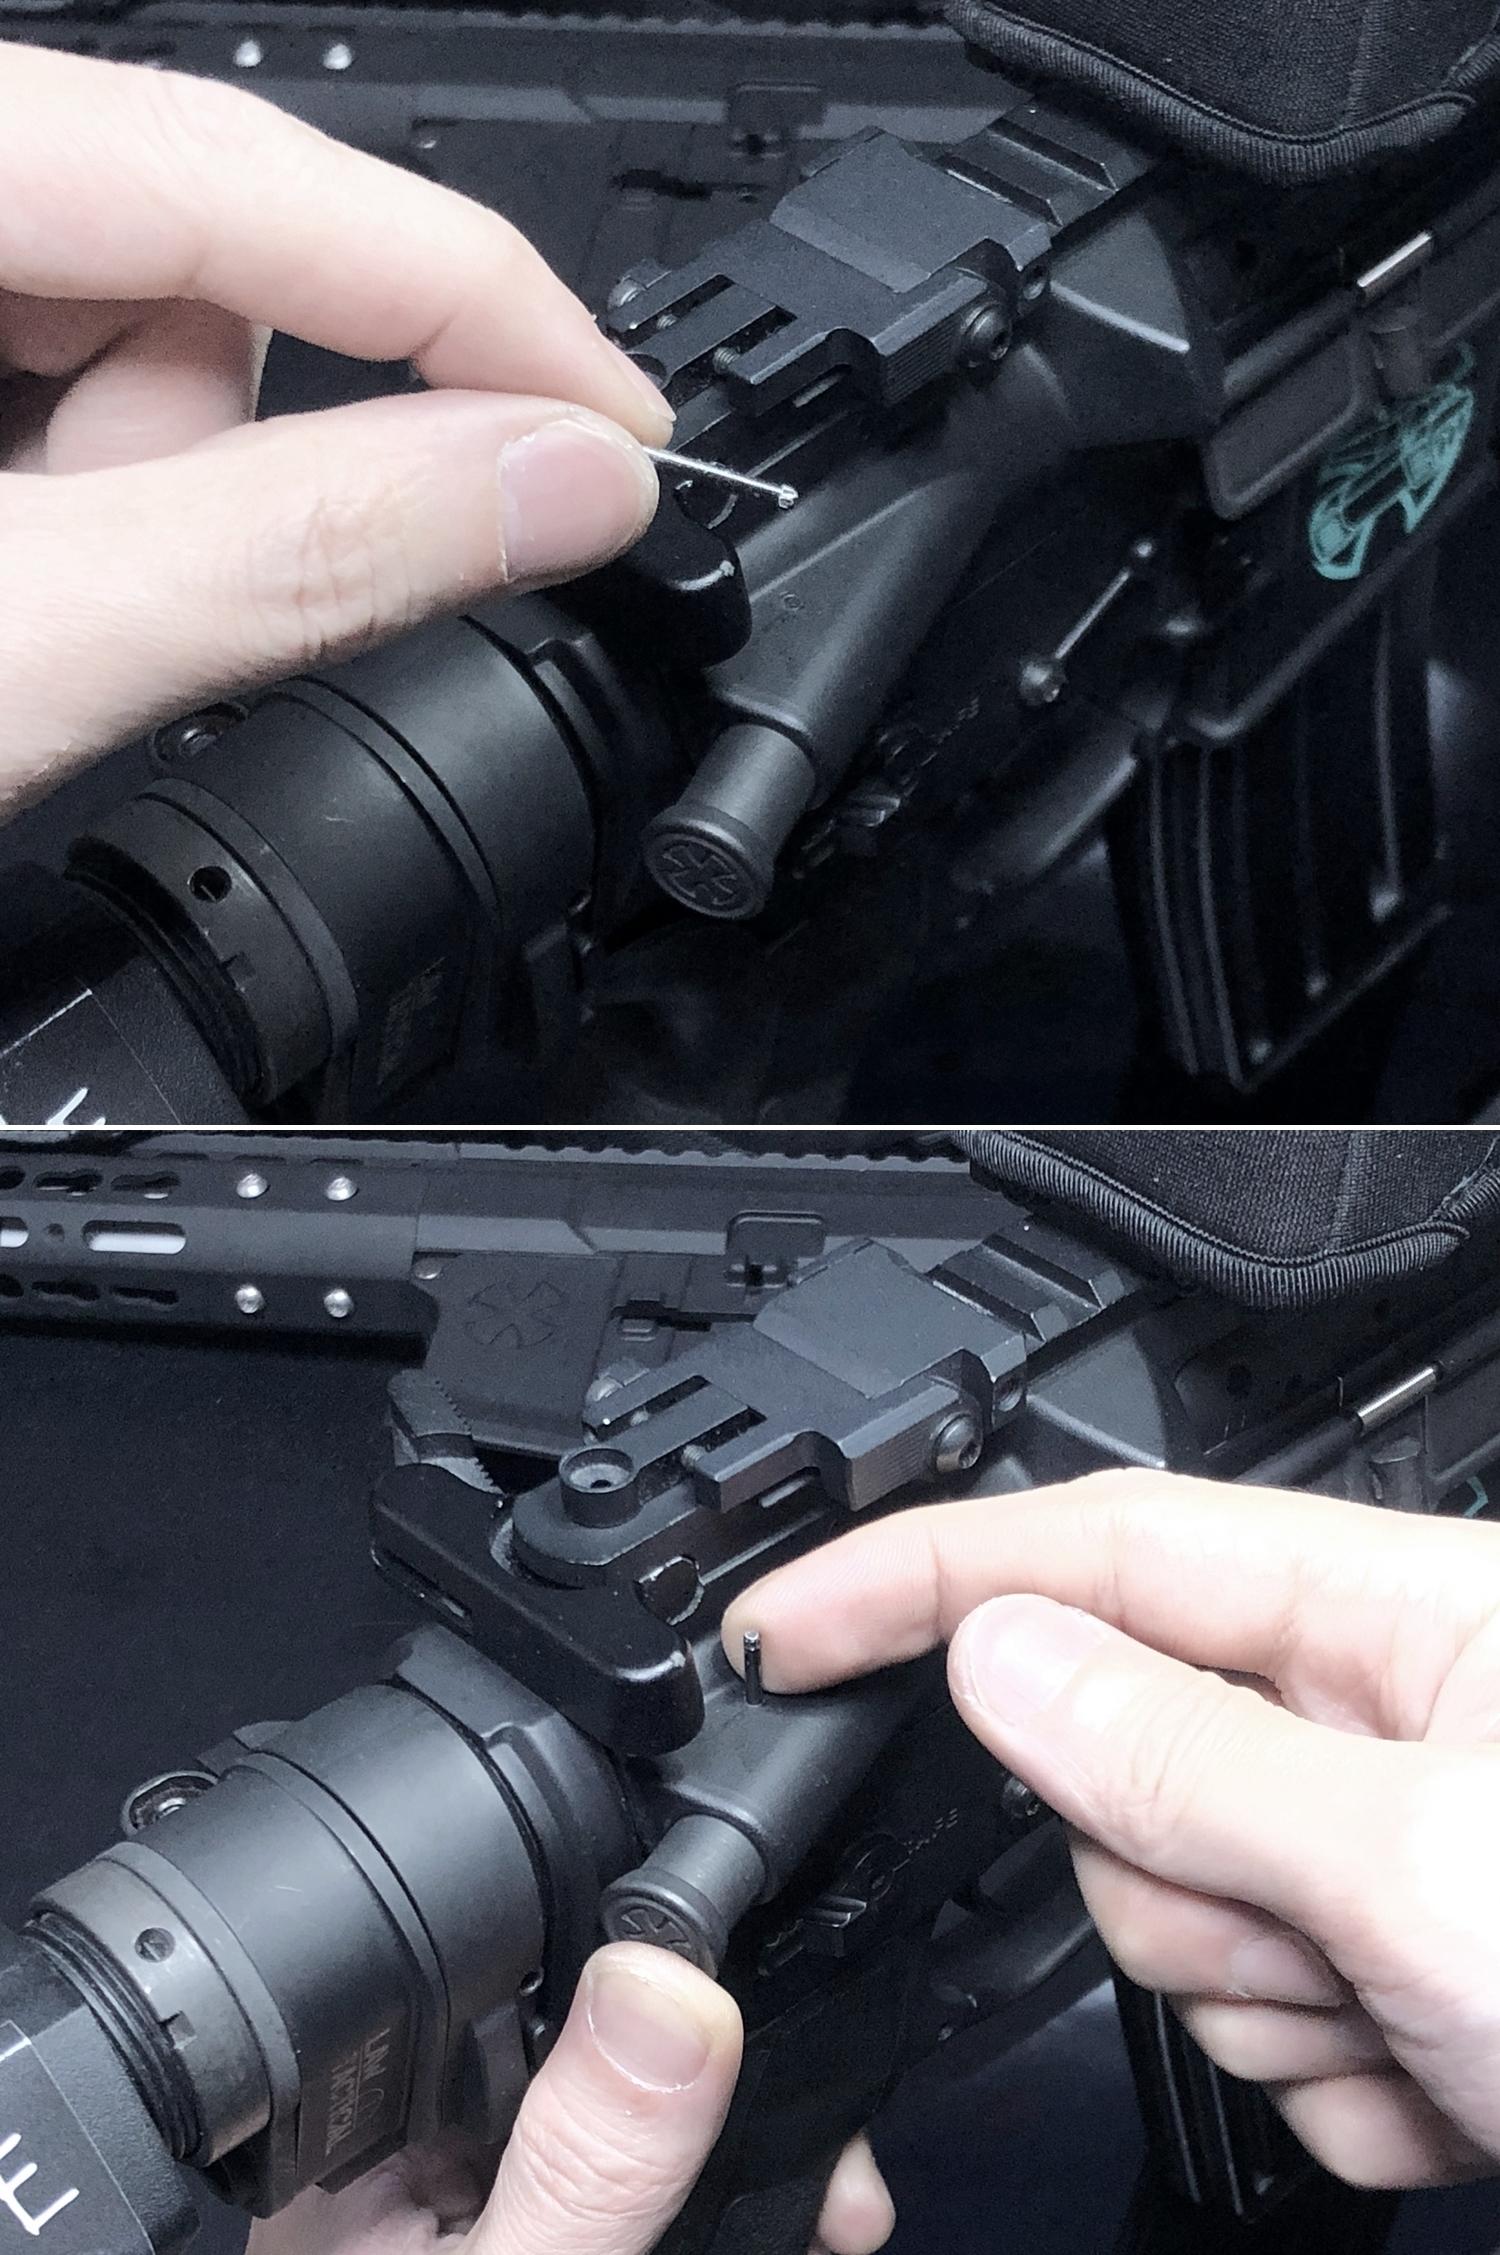 18 実物 NOVESKE MARKED FORWARD ASSIST KIT!! 次世代 AR-15 HILOG M4 N4 プチ DIY カスタム編!! フォワードアシストノブ フォアードアシスト!! 3D DIY 購入 加工 取付 交換 レビュー!!